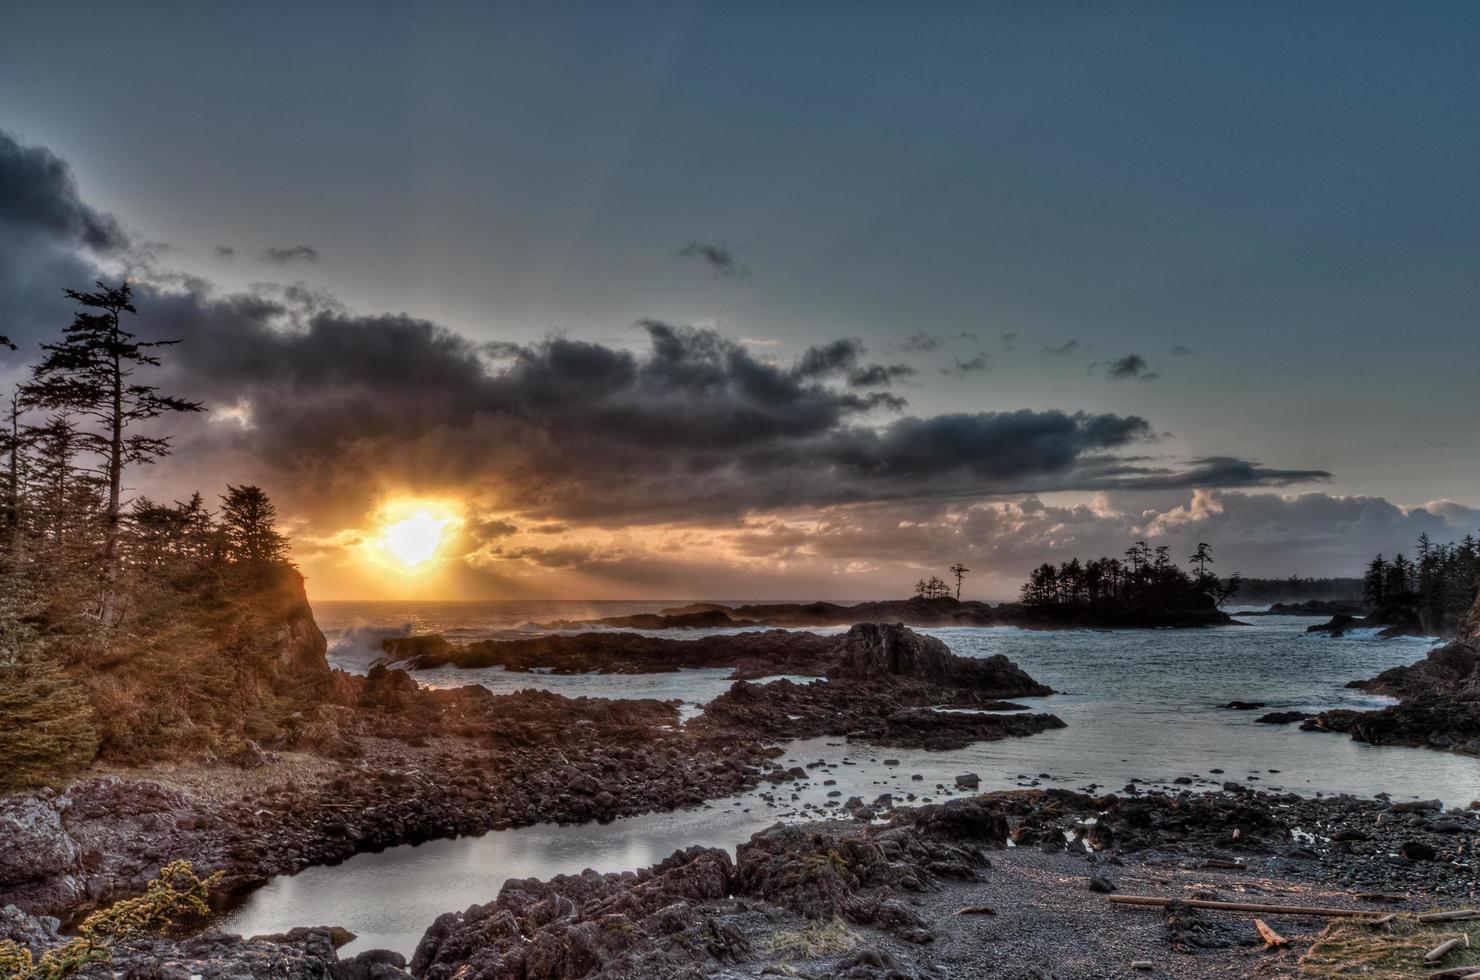 Meerblick zur goldenen Stunde foto